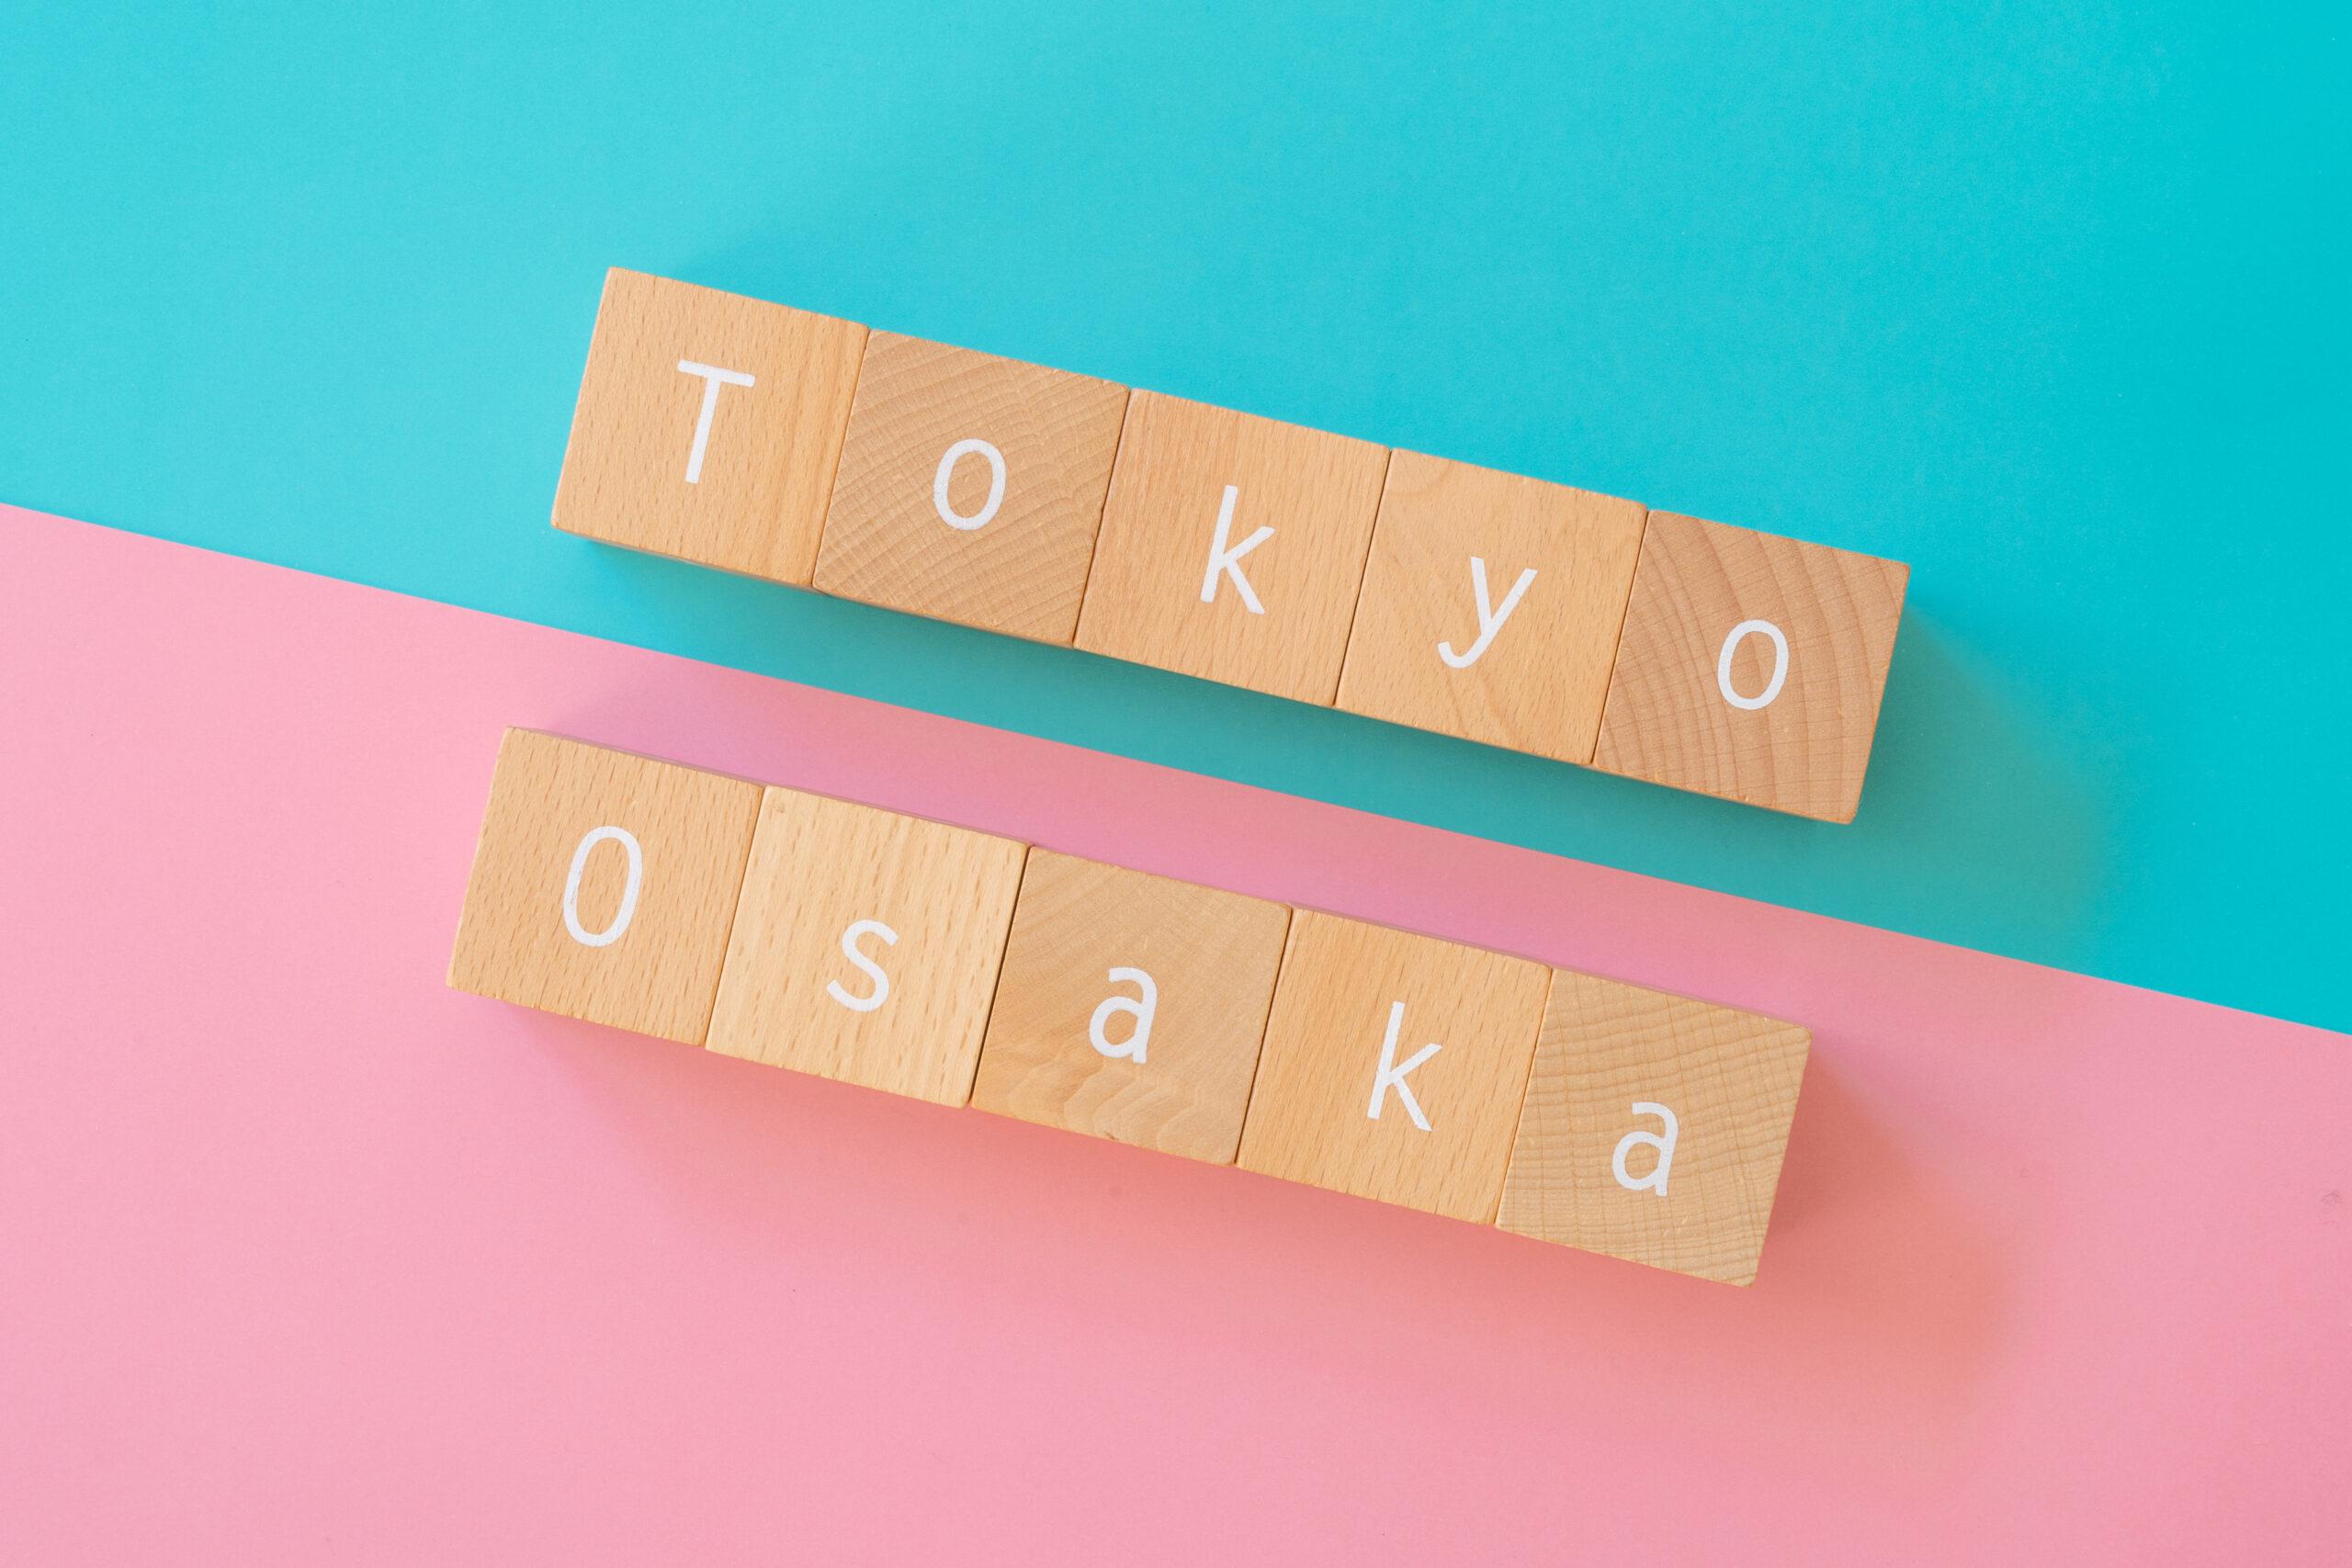 東京と大阪でポン酢の消費量が全然違う!